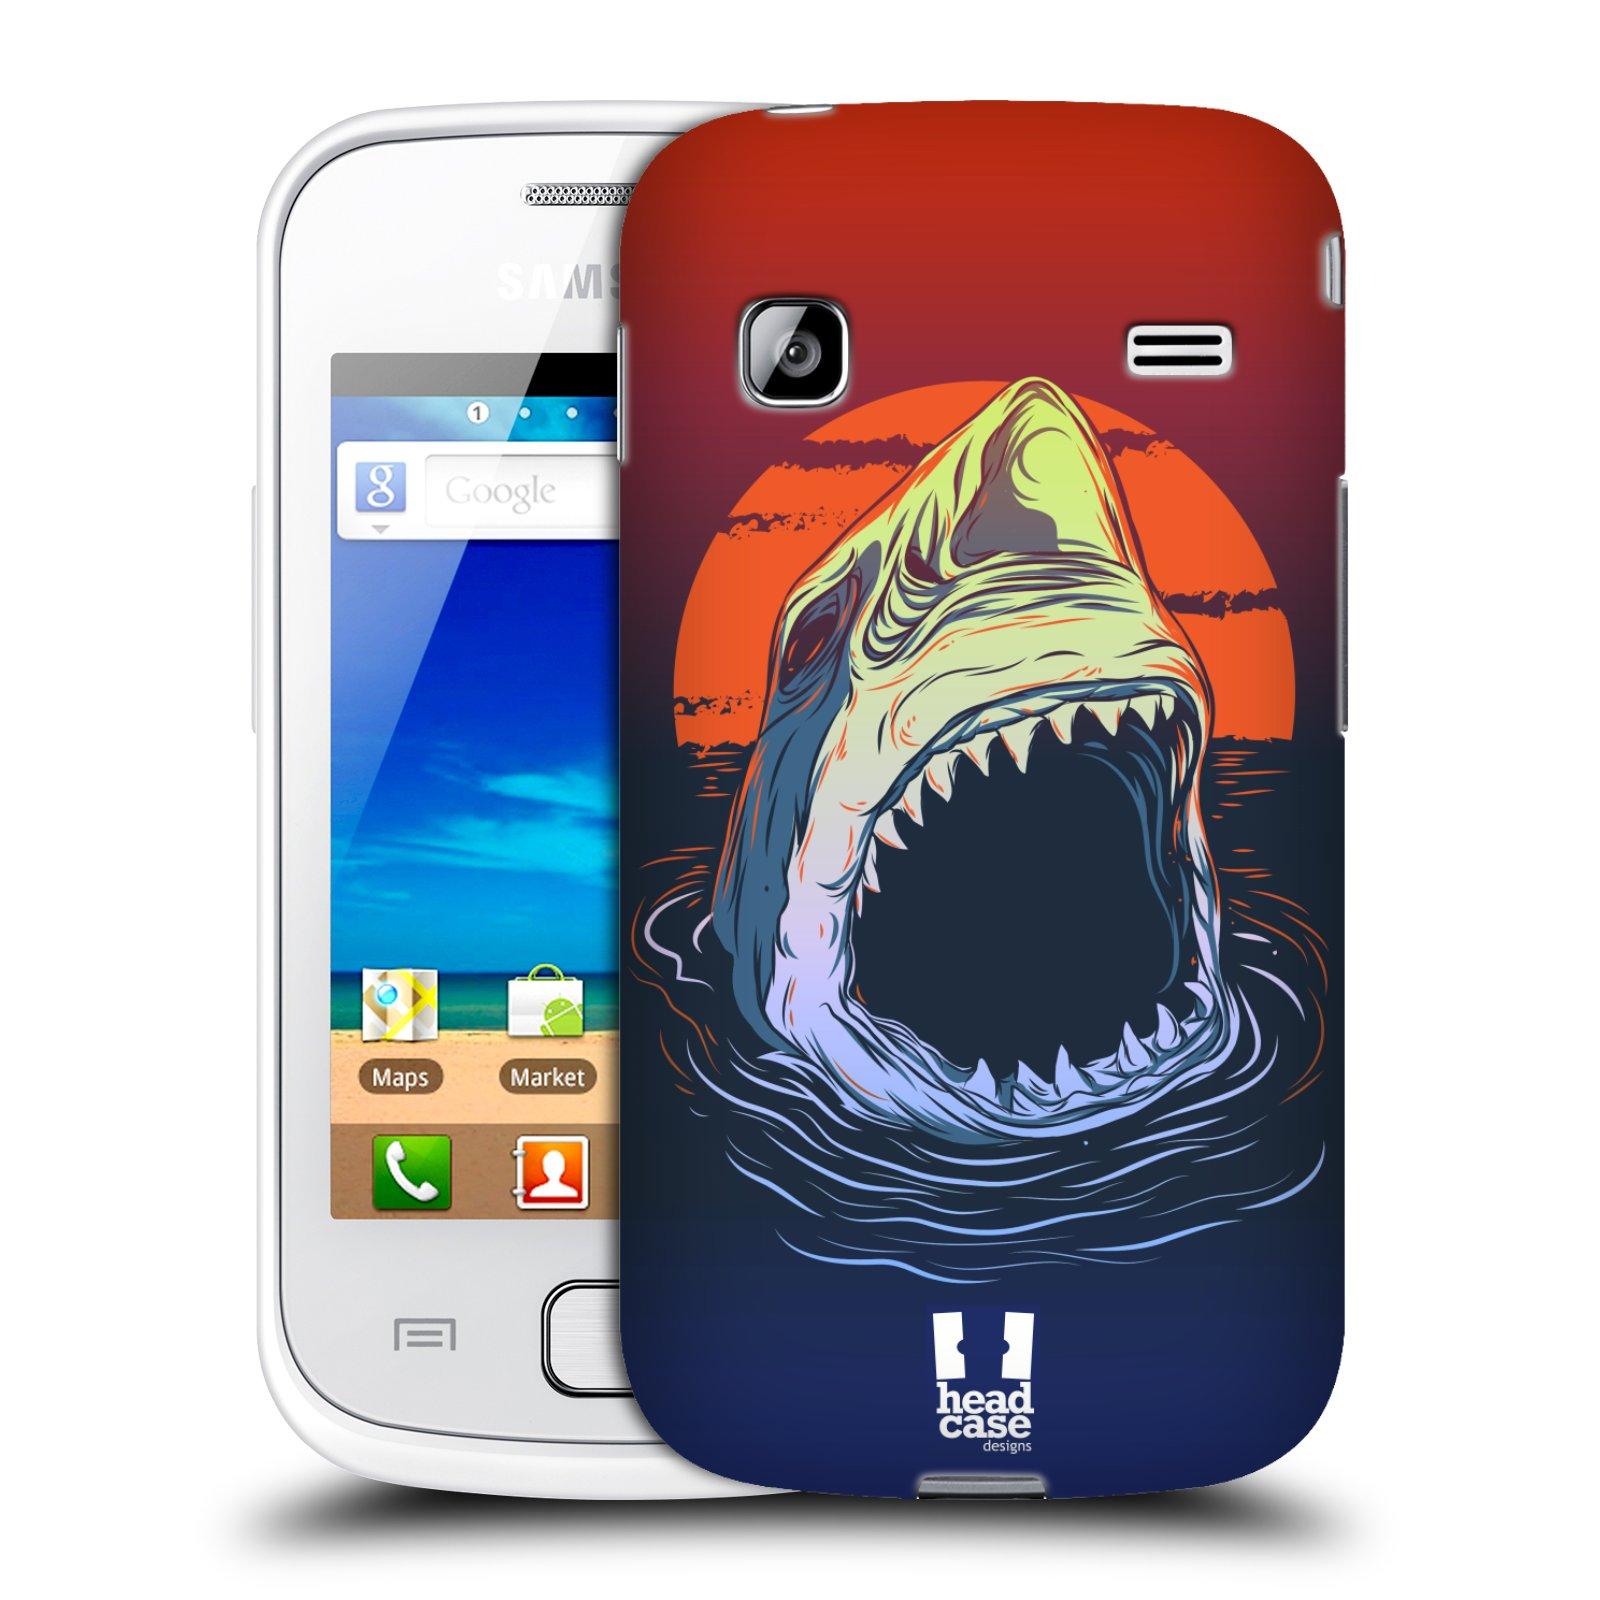 HEAD CASE plastový obal na mobil SAMSUNG GALAXY GIO (S5660) vzor mořská monstra žralok